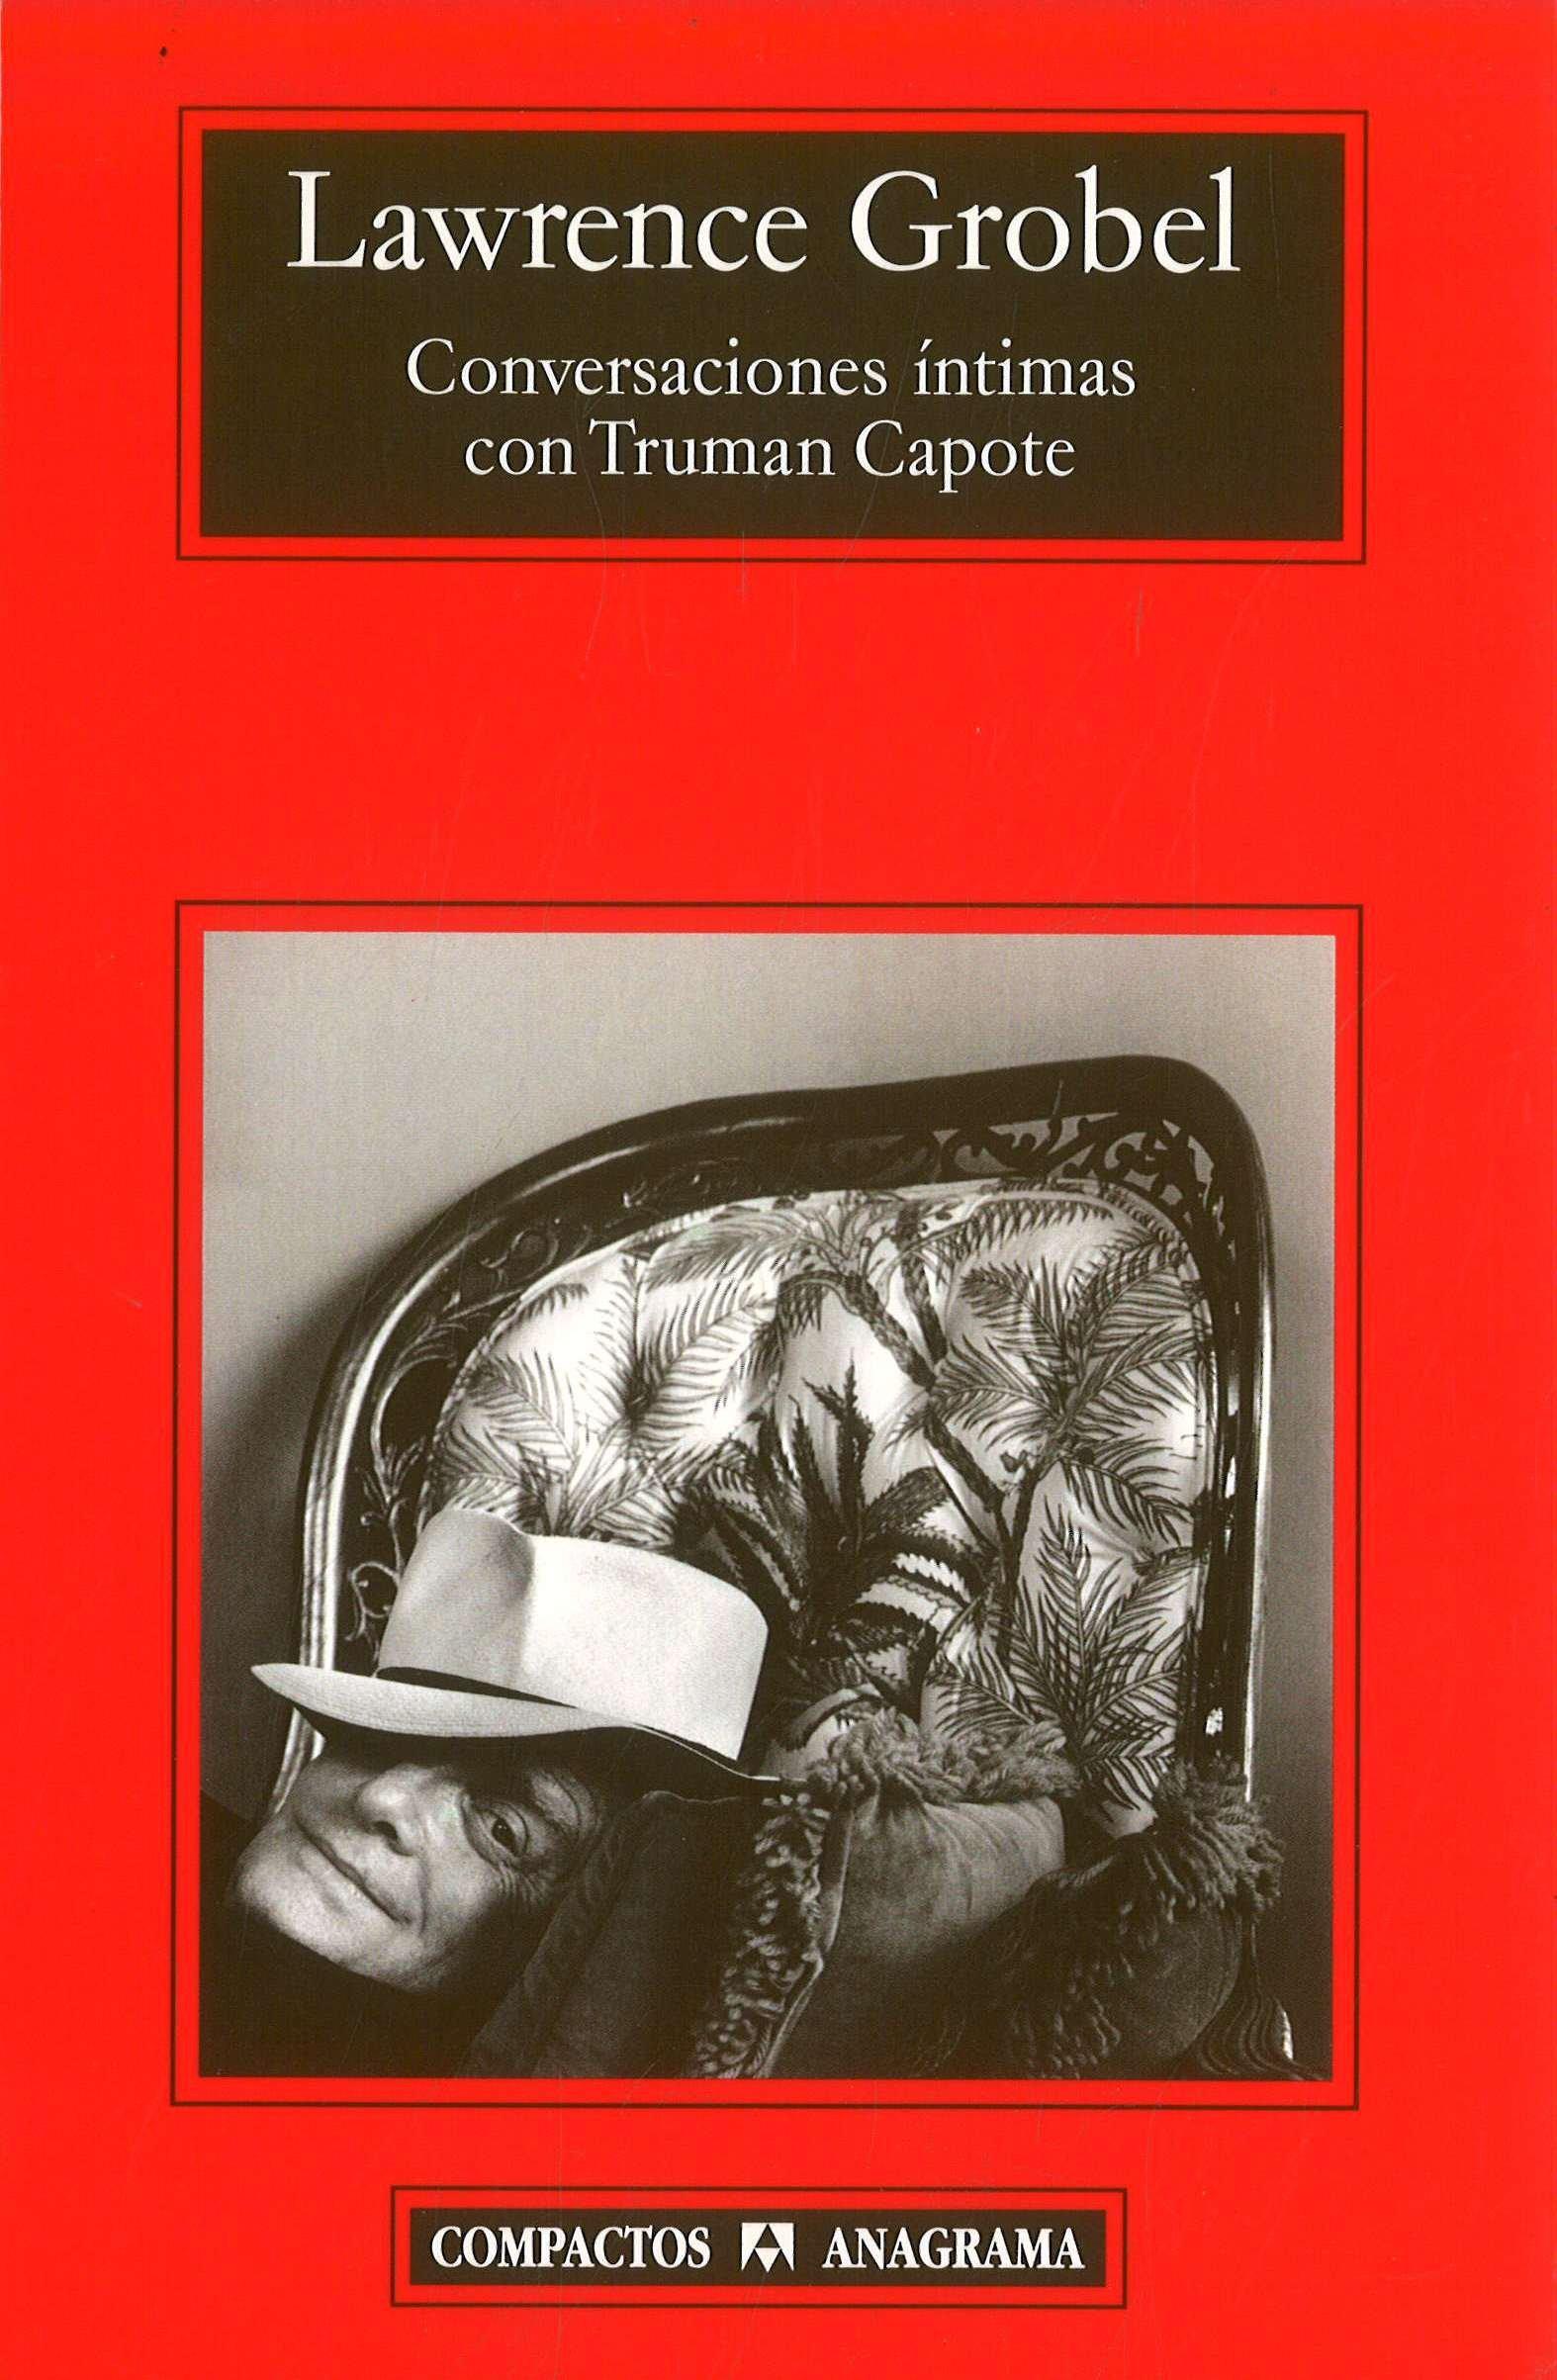 Conversaciones intimas con Truman Capote (Compactos Anagrama) (Spanish Edition)